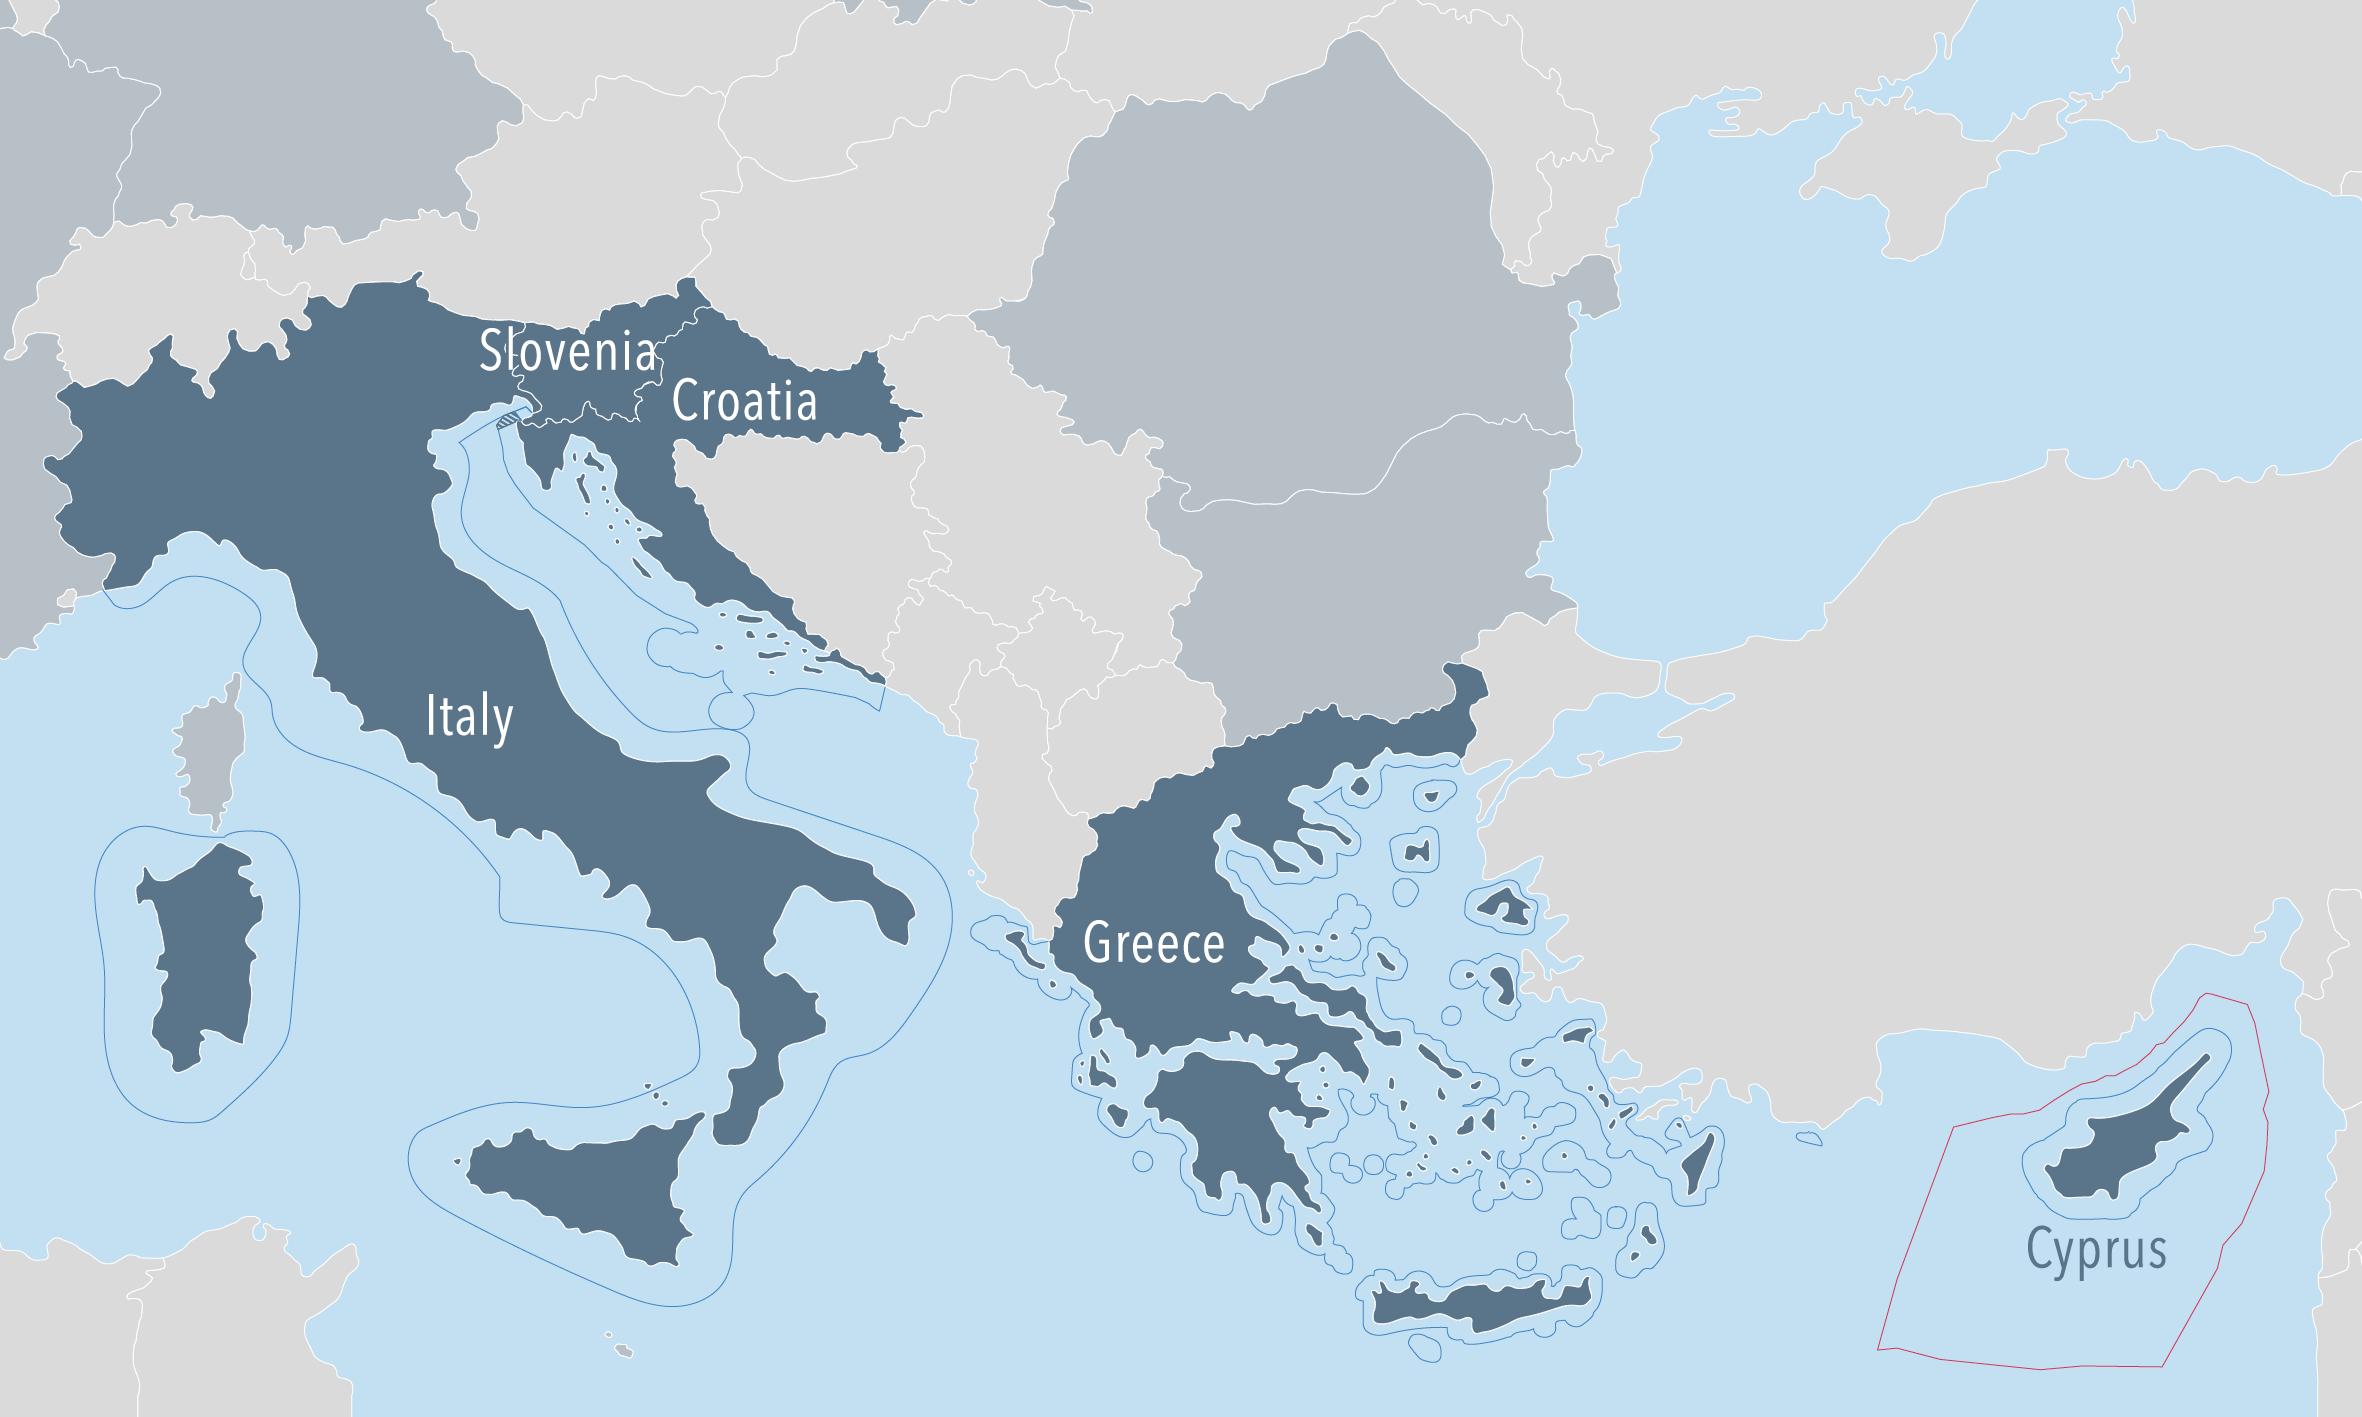 East Mediterranean European Msp Platform